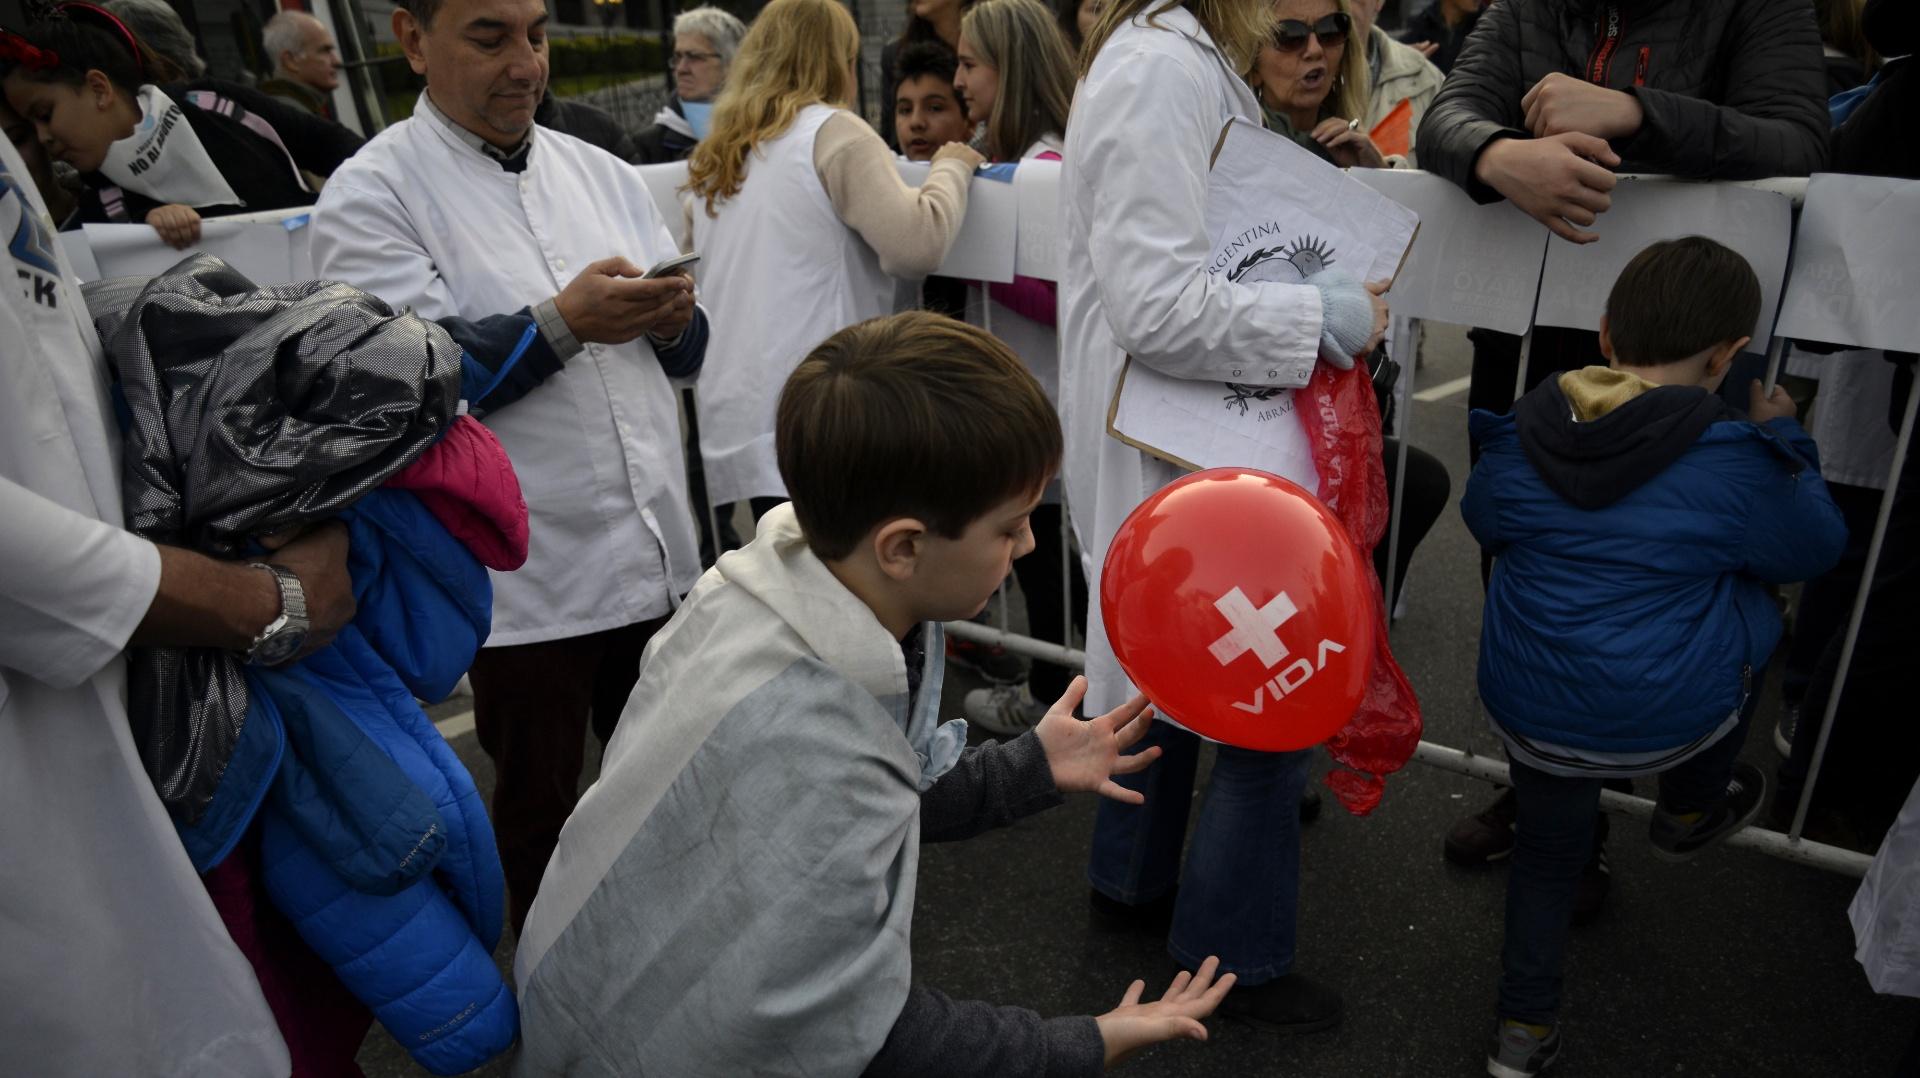 Además de la agrupación +Vida participaron de la marcha Argentina Pro Vida, la Alianza Cristiana de Iglesias Evangélicas de la República Argentina (ACIERA) y la Red Federal de Familias.